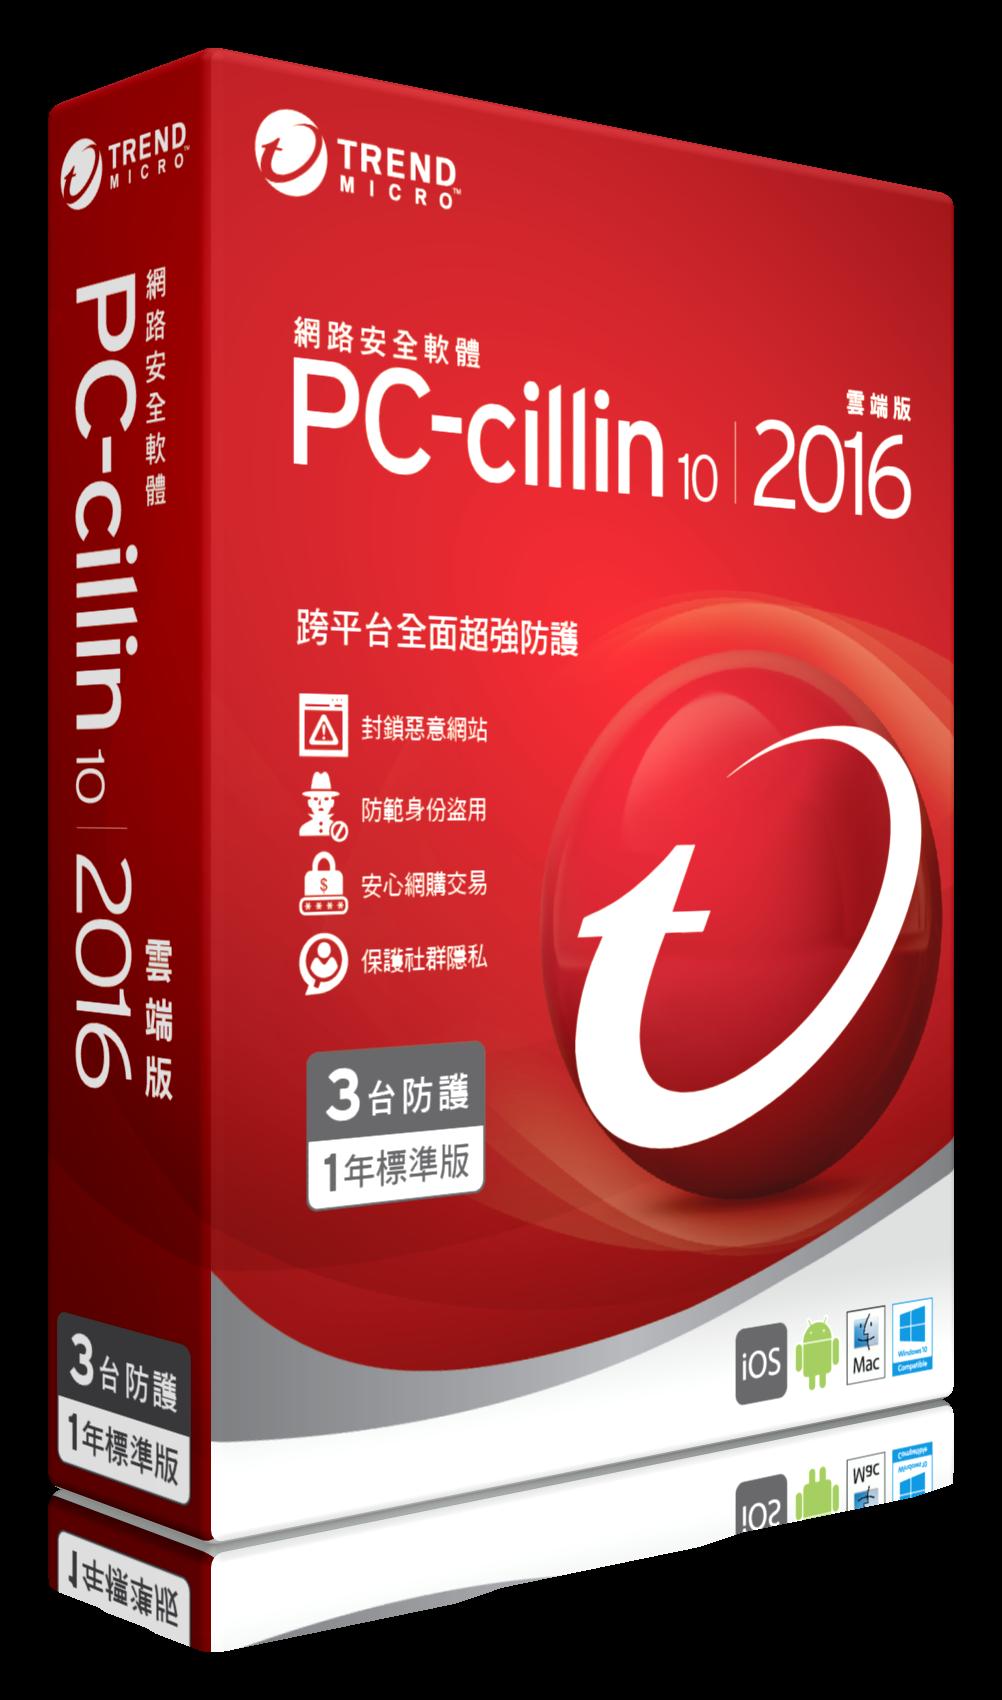 趨勢科技PC-cillin 10 – 2016雲端版-Windows 10 的新版家用防毒軟體